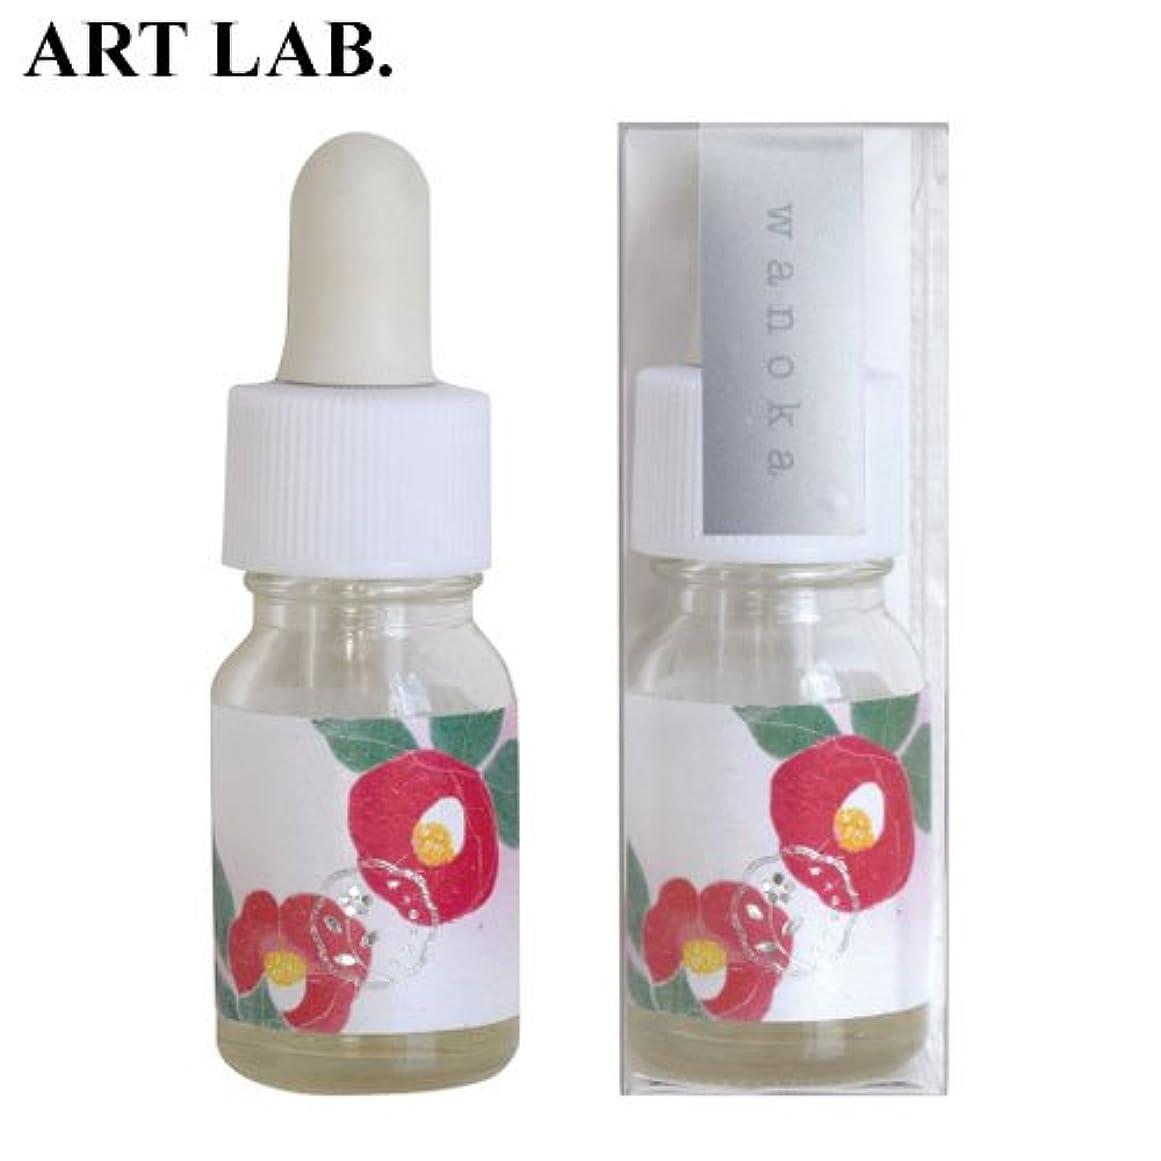 洞察力のあるグリル離れたwanoka香油アロマオイル椿《おしとやかで深みのある香り》ART LABAromatic oil